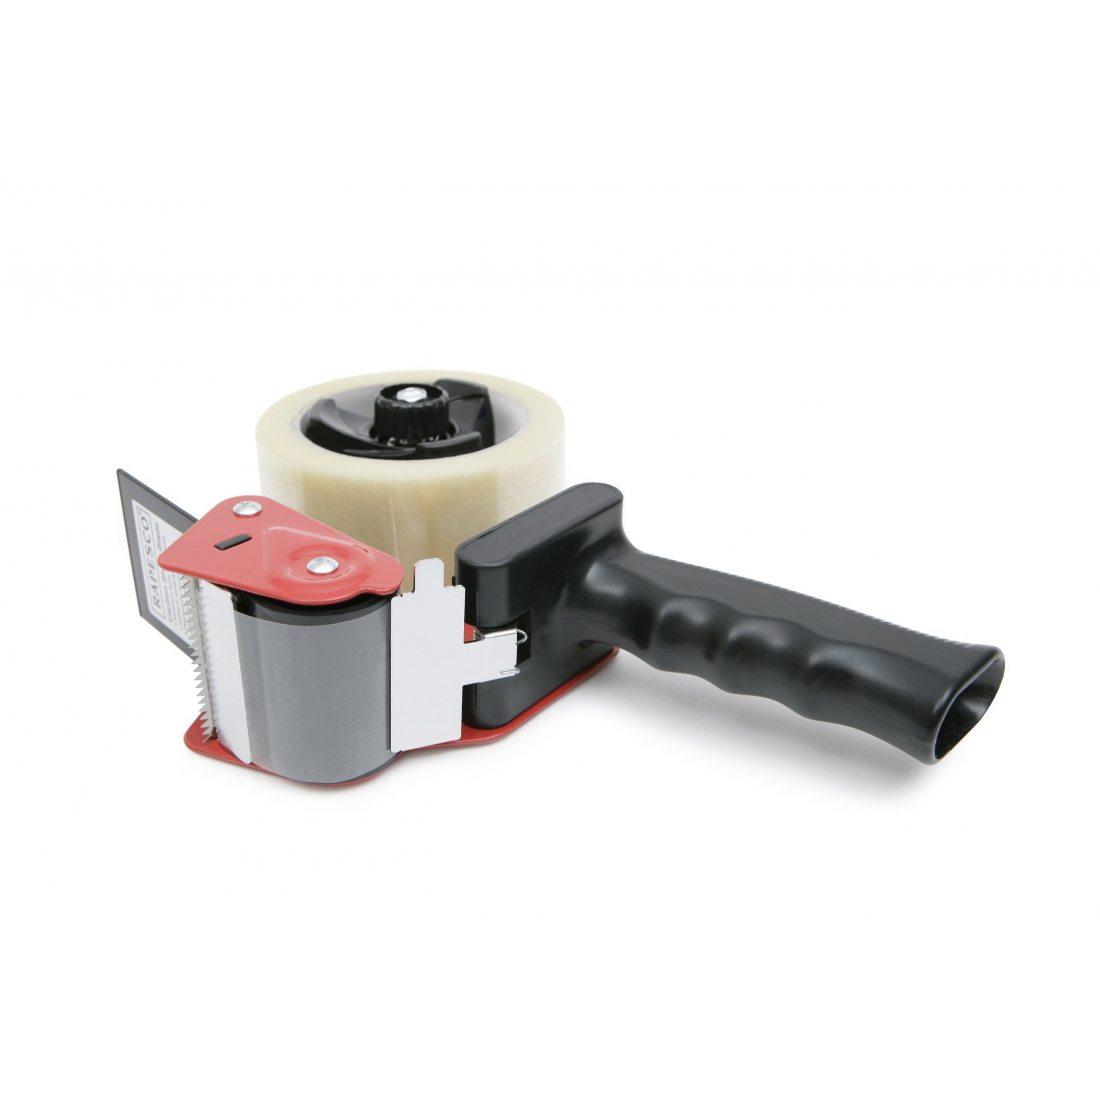 Rapesco TD9600A1 Dévidoir pour Ruban d'emballage Gris